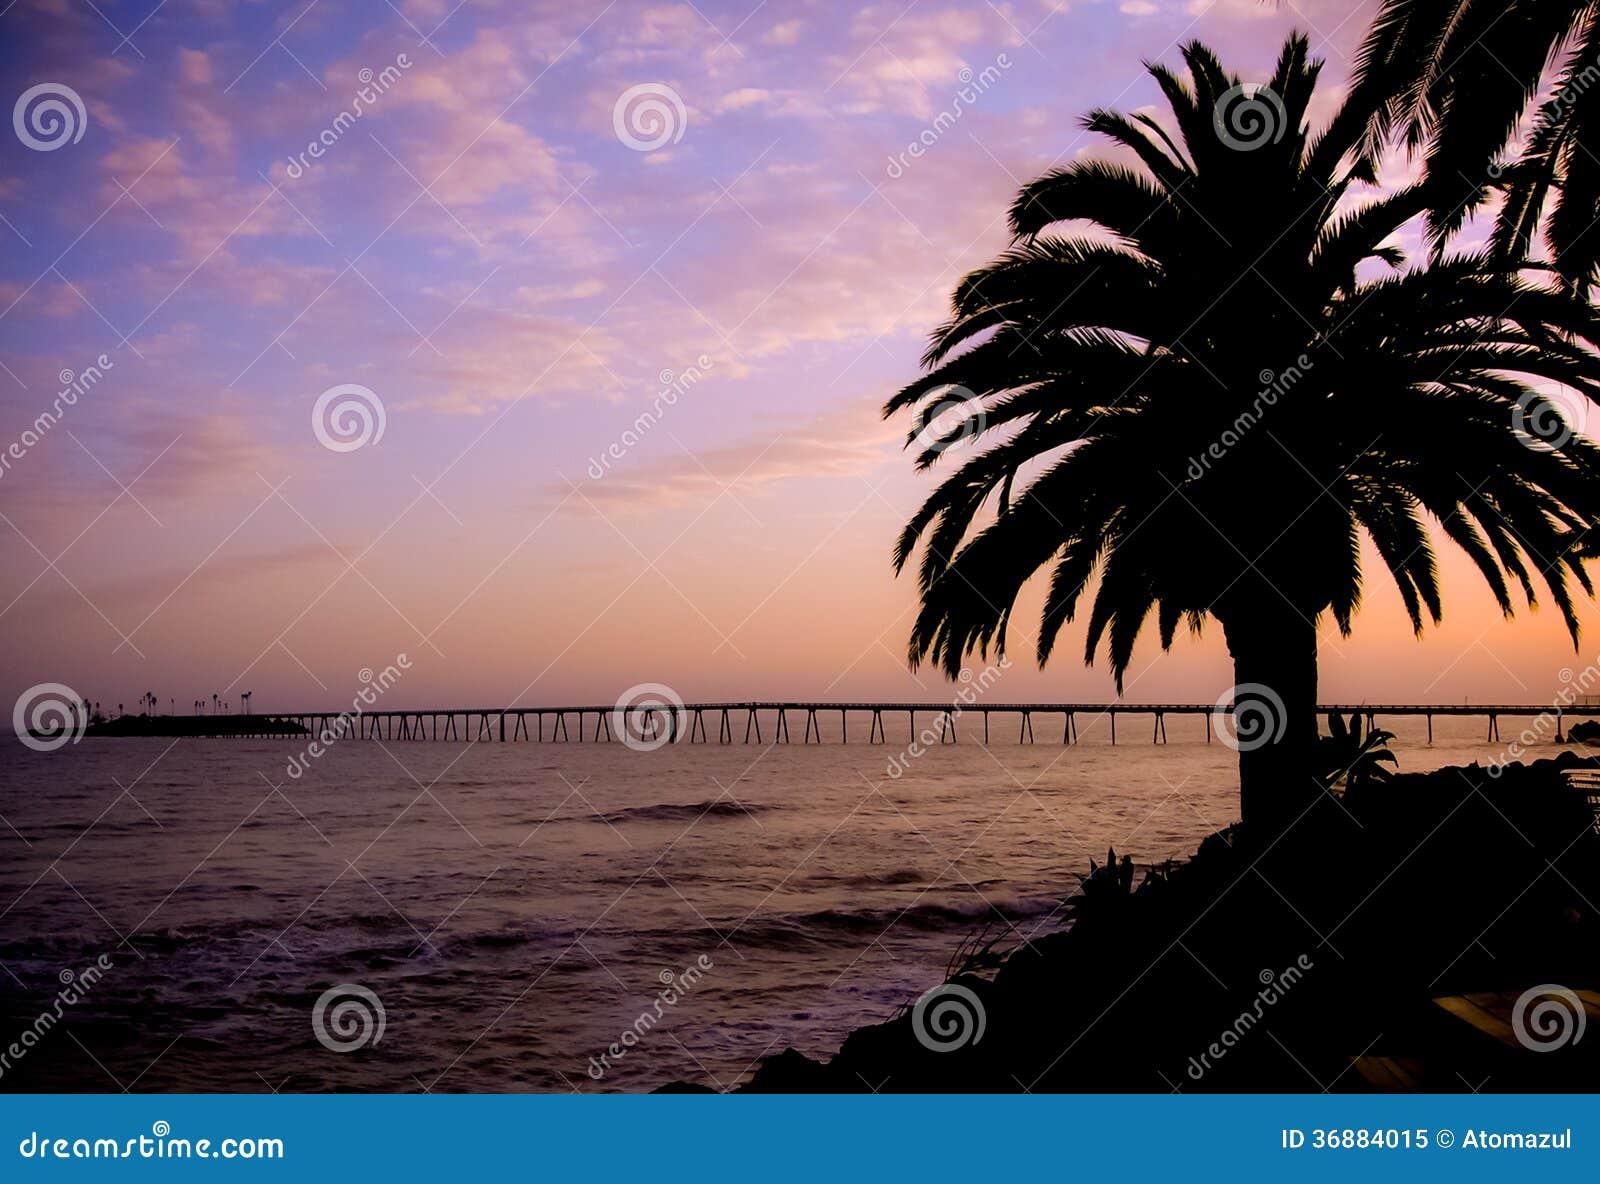 Download Tramonto Della Palma Dell'isola Di Rincon Immagine Stock - Immagine di siluetta, litoraneo: 36884015